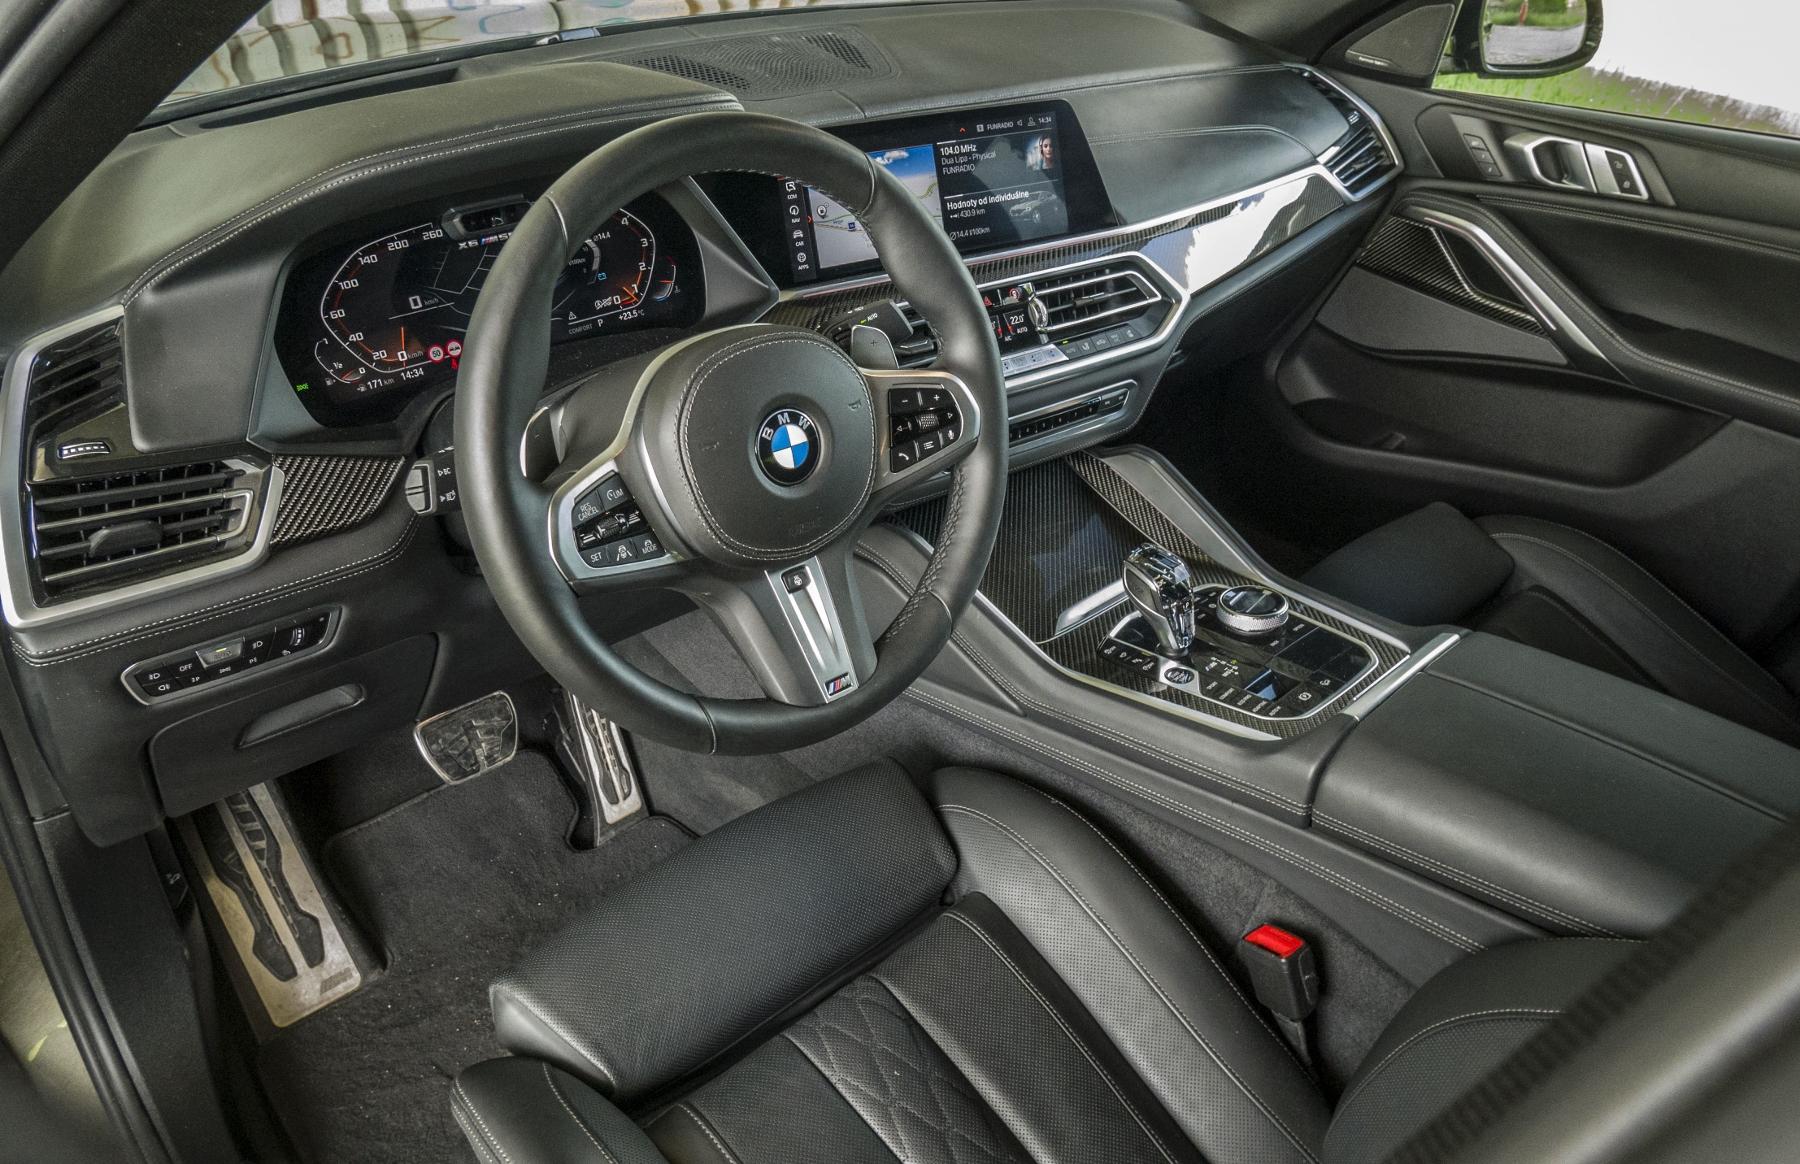 Test: BMW X6 M50i napína benzínové svaly, ale neukazuje plnú silu DgotrM4uP6 bmw-x6-m50i-36